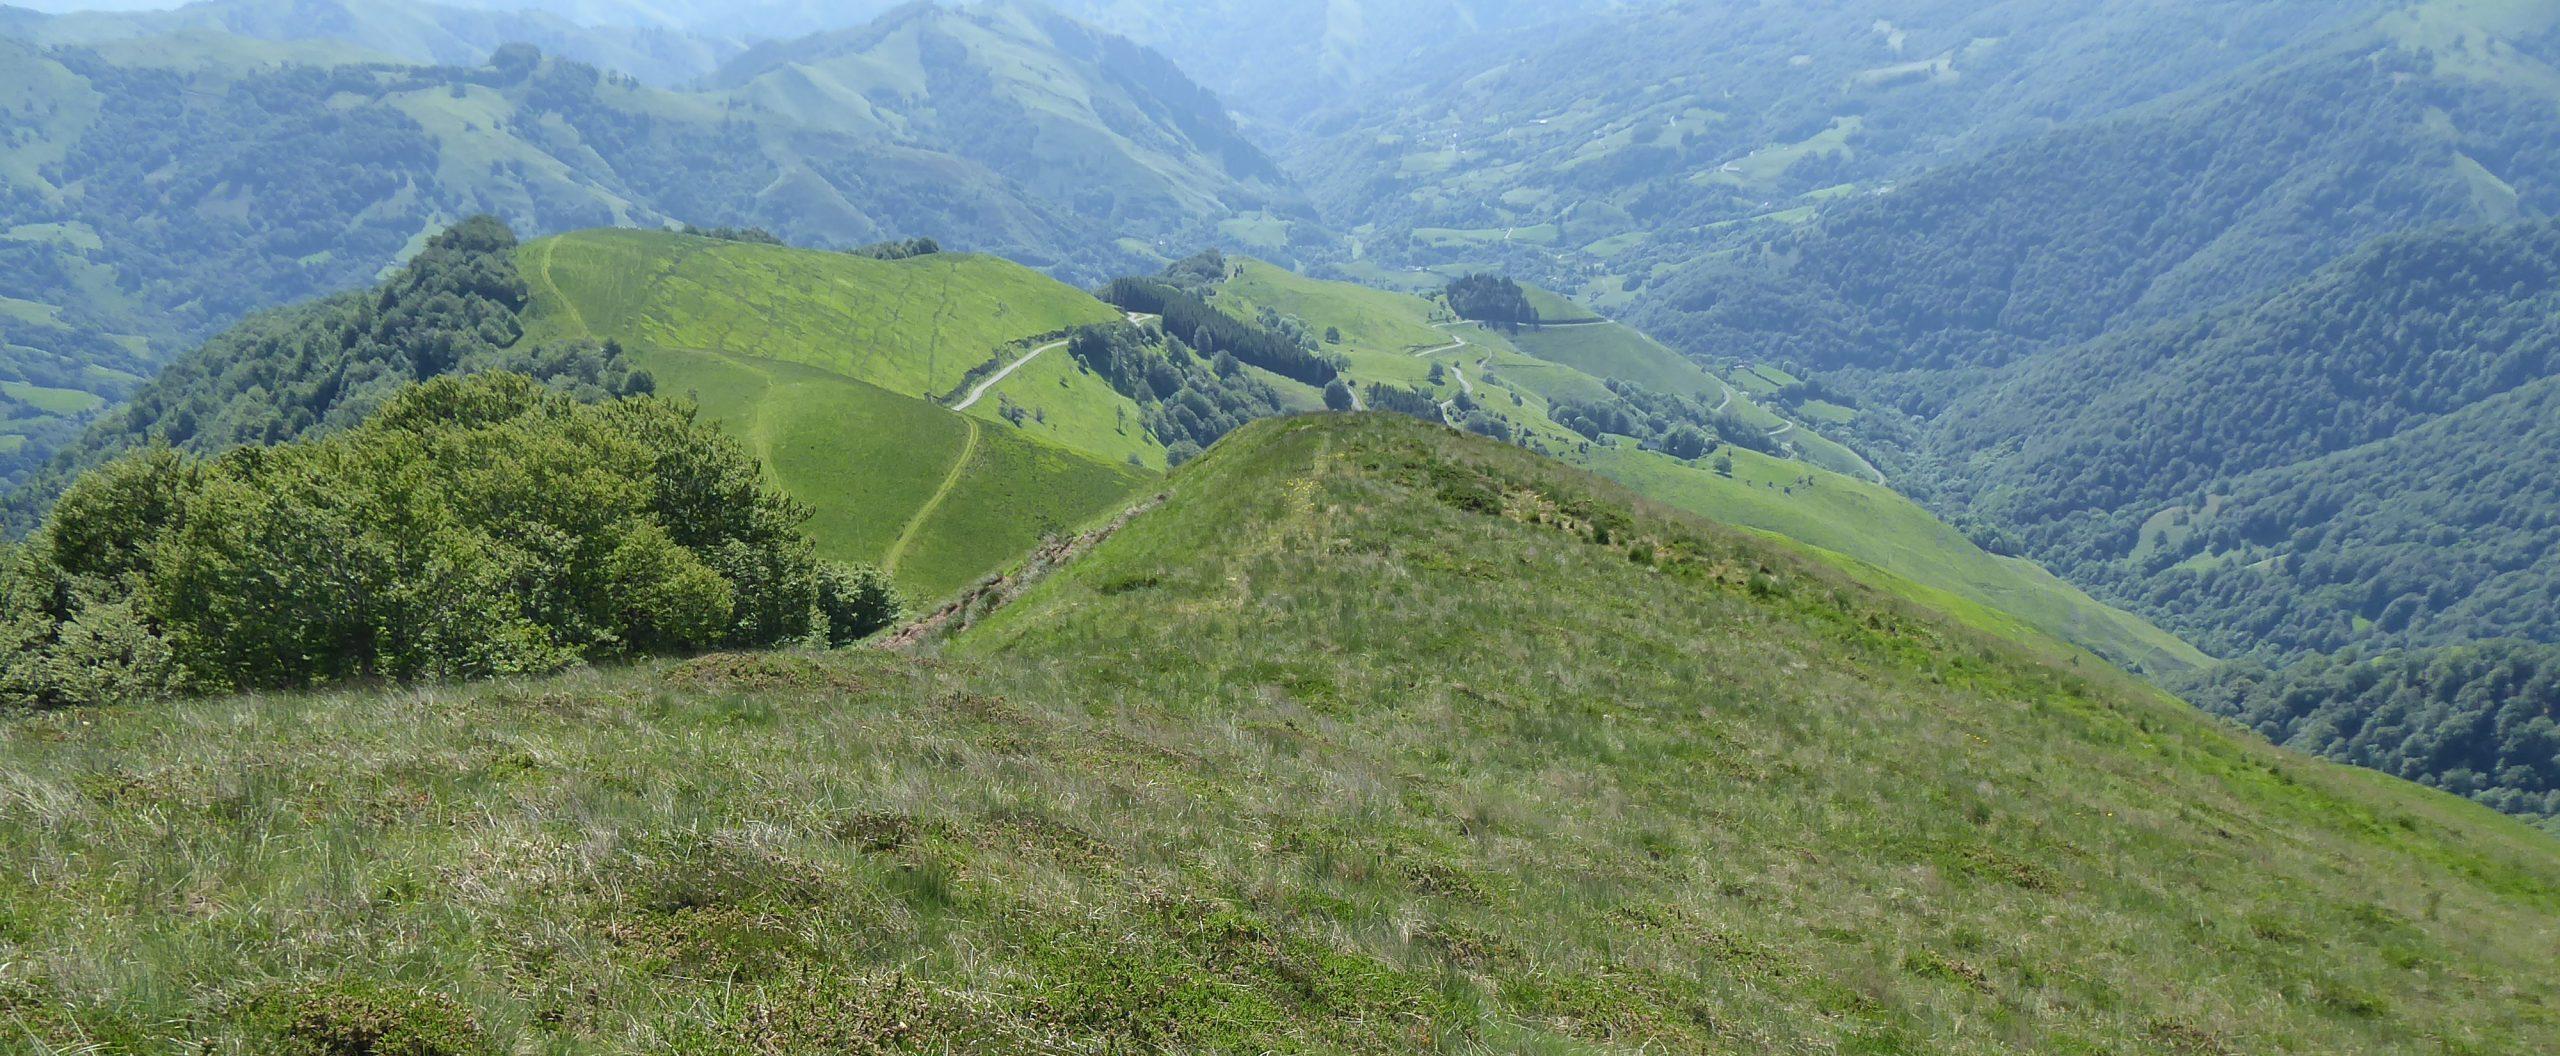 CRETE ET COL D'ORGAMBIDEXKA à 1438 mètres d'altitude, depuis le col de Bagargi à Iraty, commune de Larrau au Pays Basque.